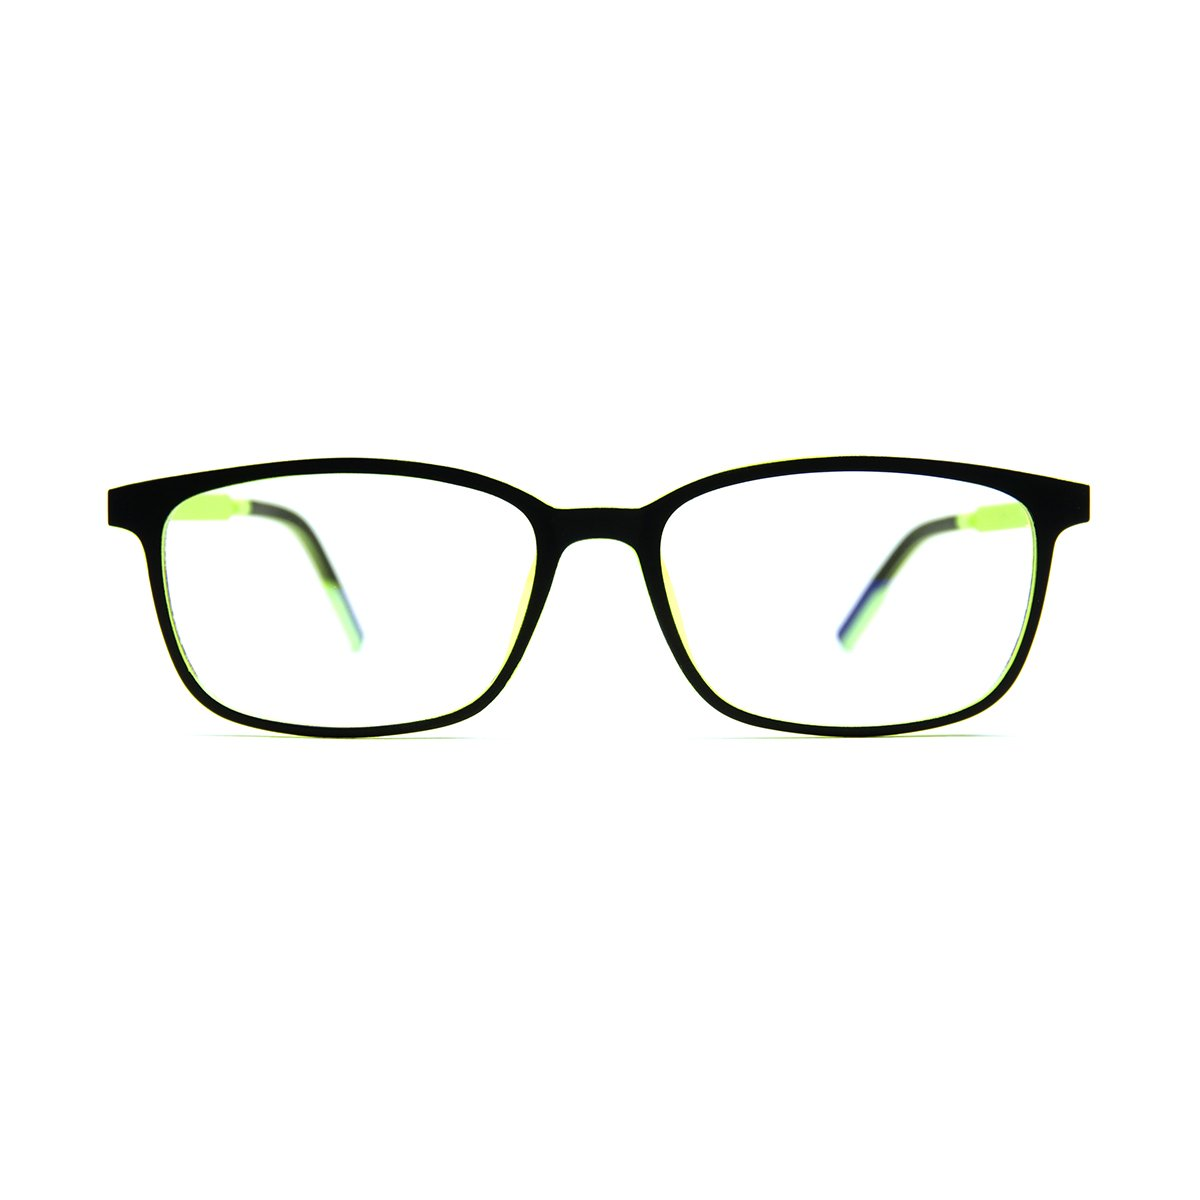 Pixel Lens Spring - Gafas para Ordenador, TV, Tablet,Gaming. contra EL CANSANCIO Ocular, Confort Visual, Montura Ligera, CERTIFICADA LUZ Azul: Amazon.es: ...